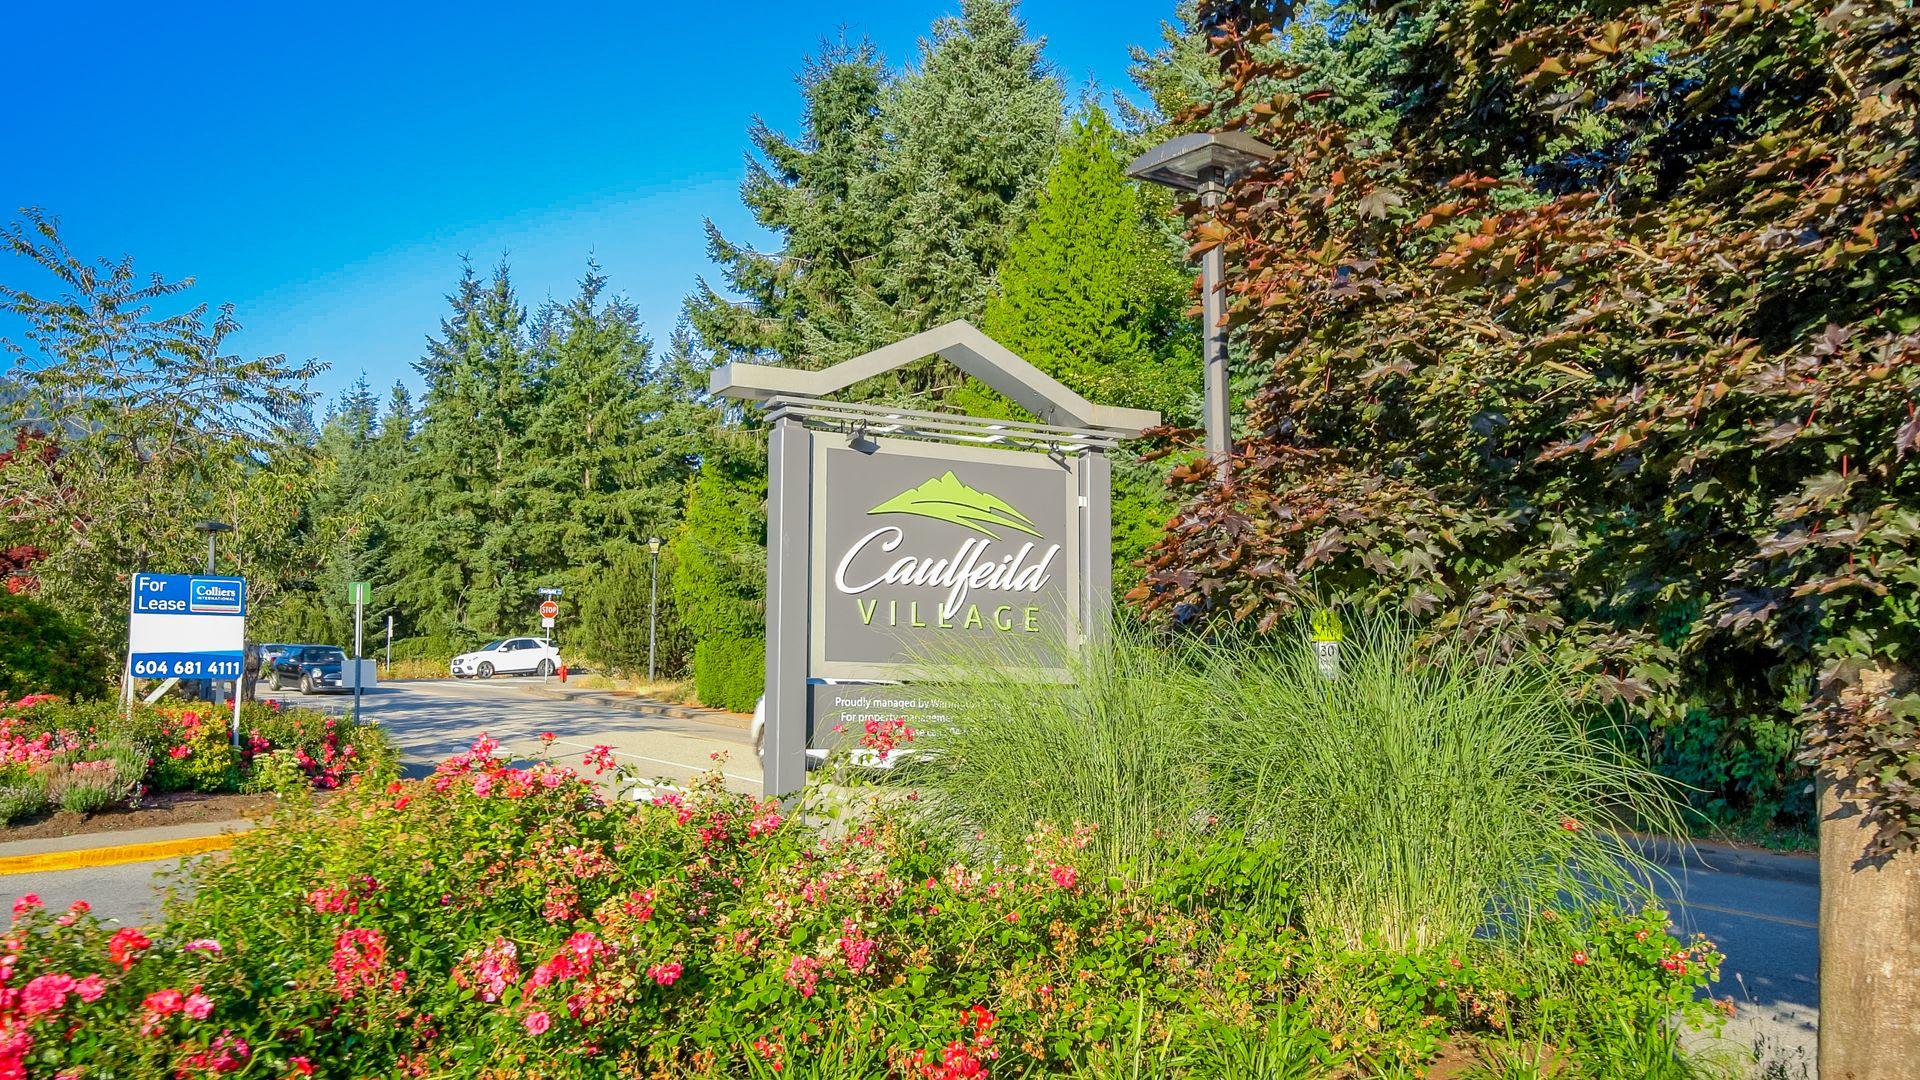 Steps to Caulfield Village at 10 - 5130 Ashfeild Road, Upper Caulfeild, West Vancouver